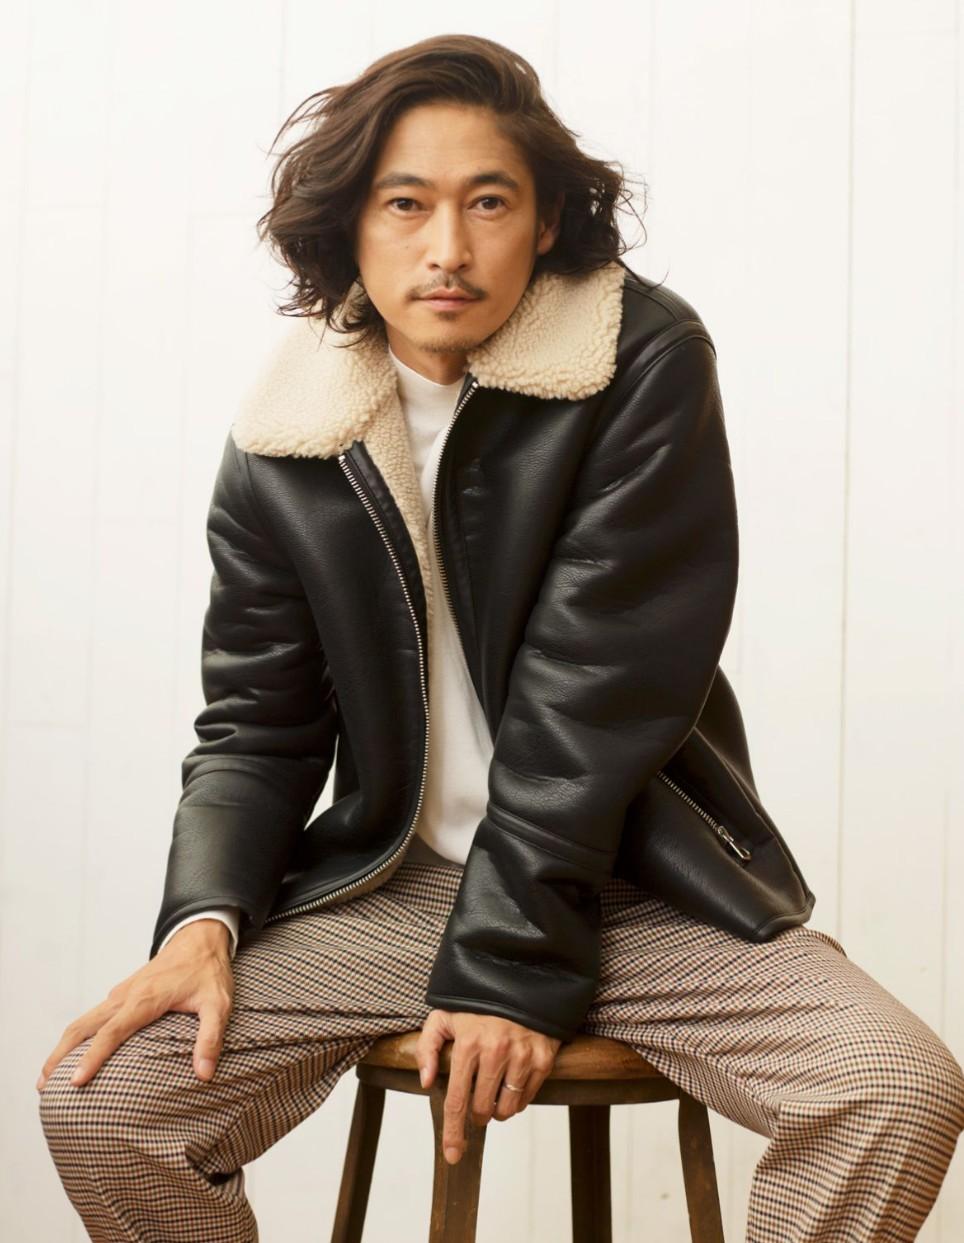 窪塚洋介着用のH&Mの最新コレクションが格好良すぎ‼️